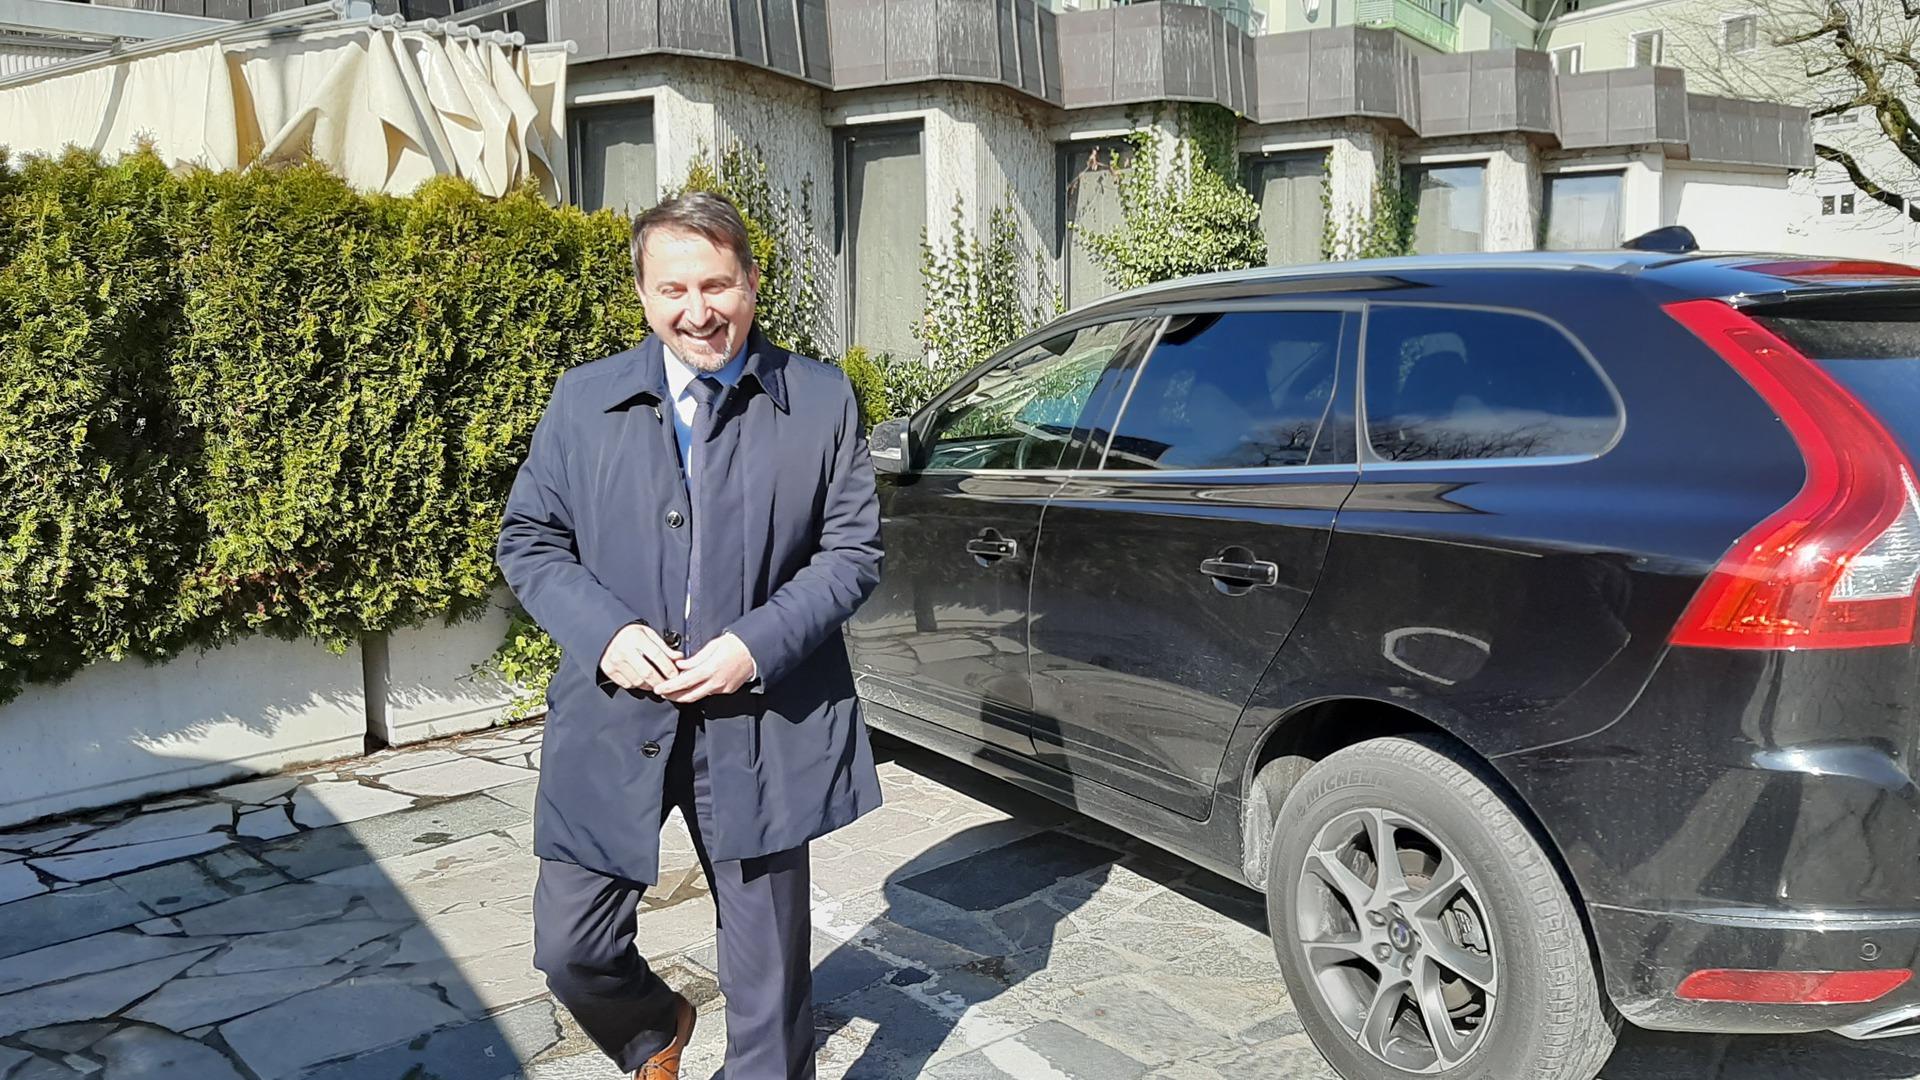 Igor Velov ob svojem vozilu v času koronakrize dobro razpoložen....